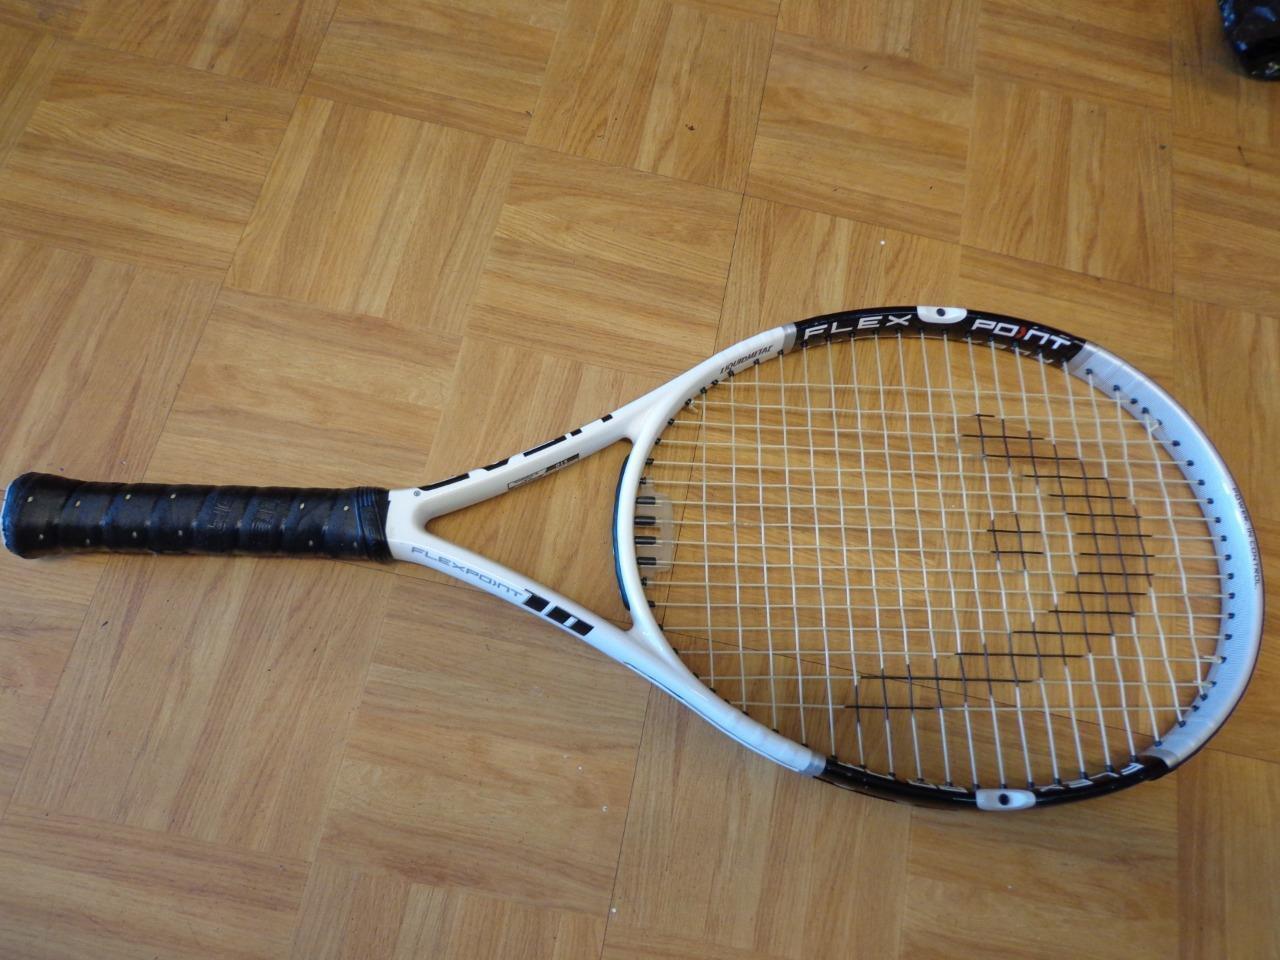 Cabeza Flexpoint 10 cabeza de gran tamaño 121 4 3  8 Grip Tenis Raqueta  forma única